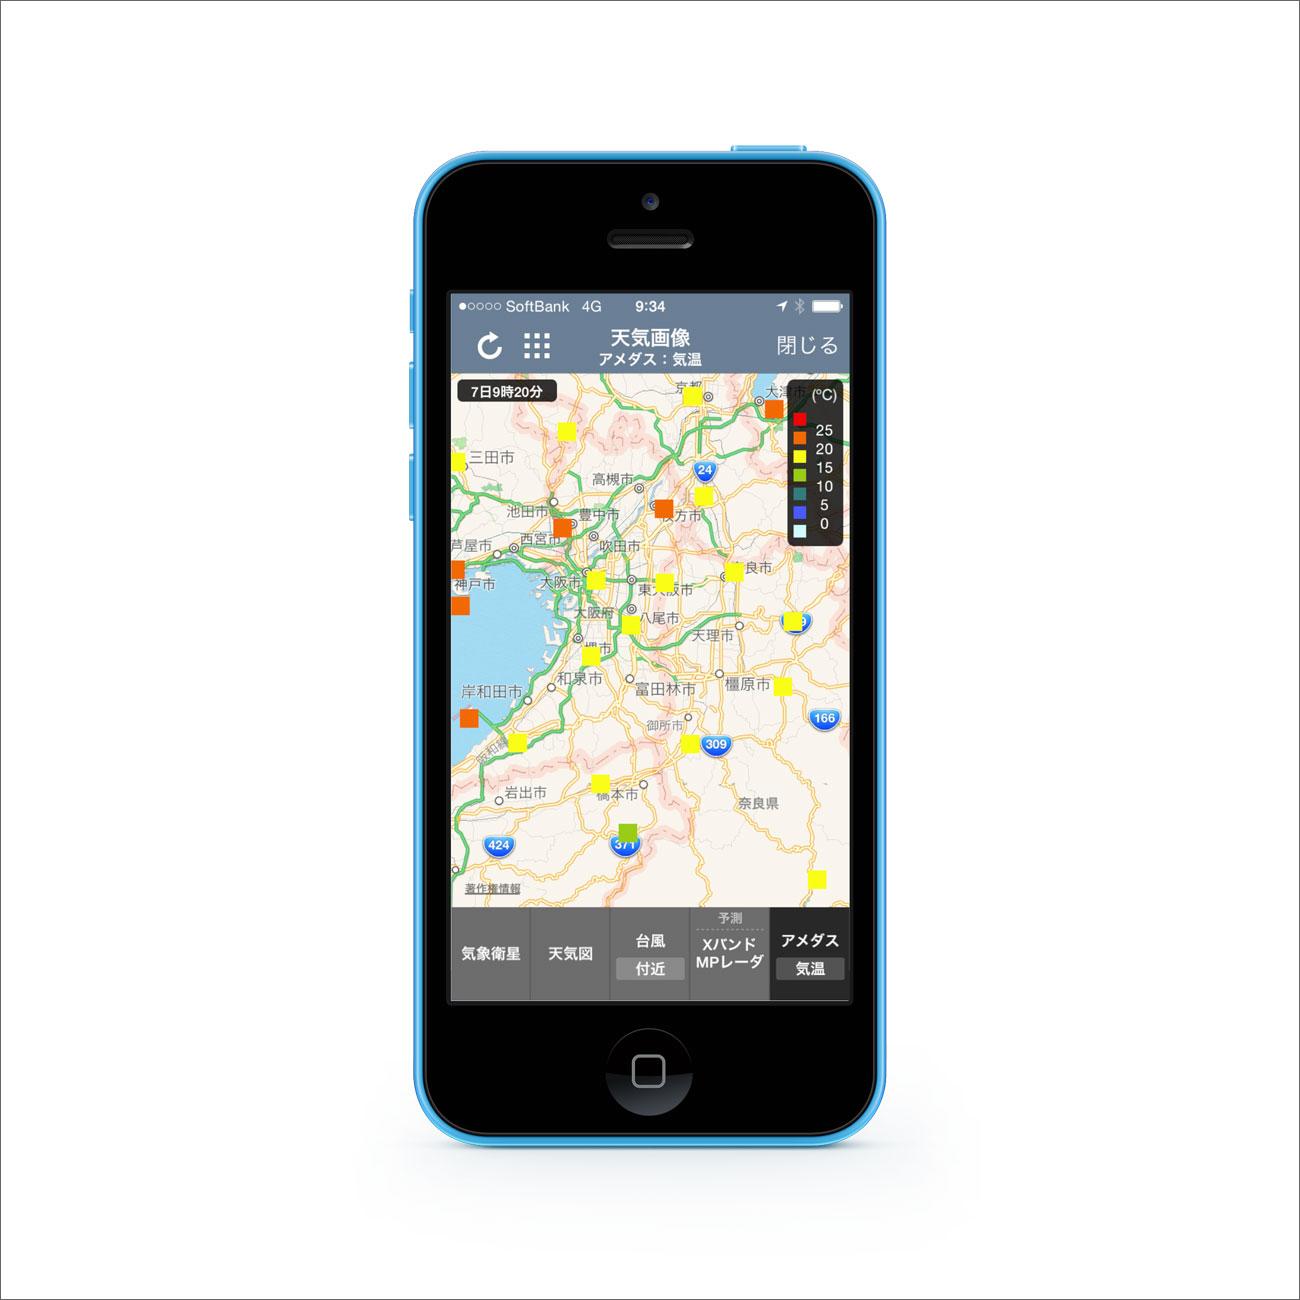 iOS用お天気アプリ「そら案内」アメダス天気情報画面